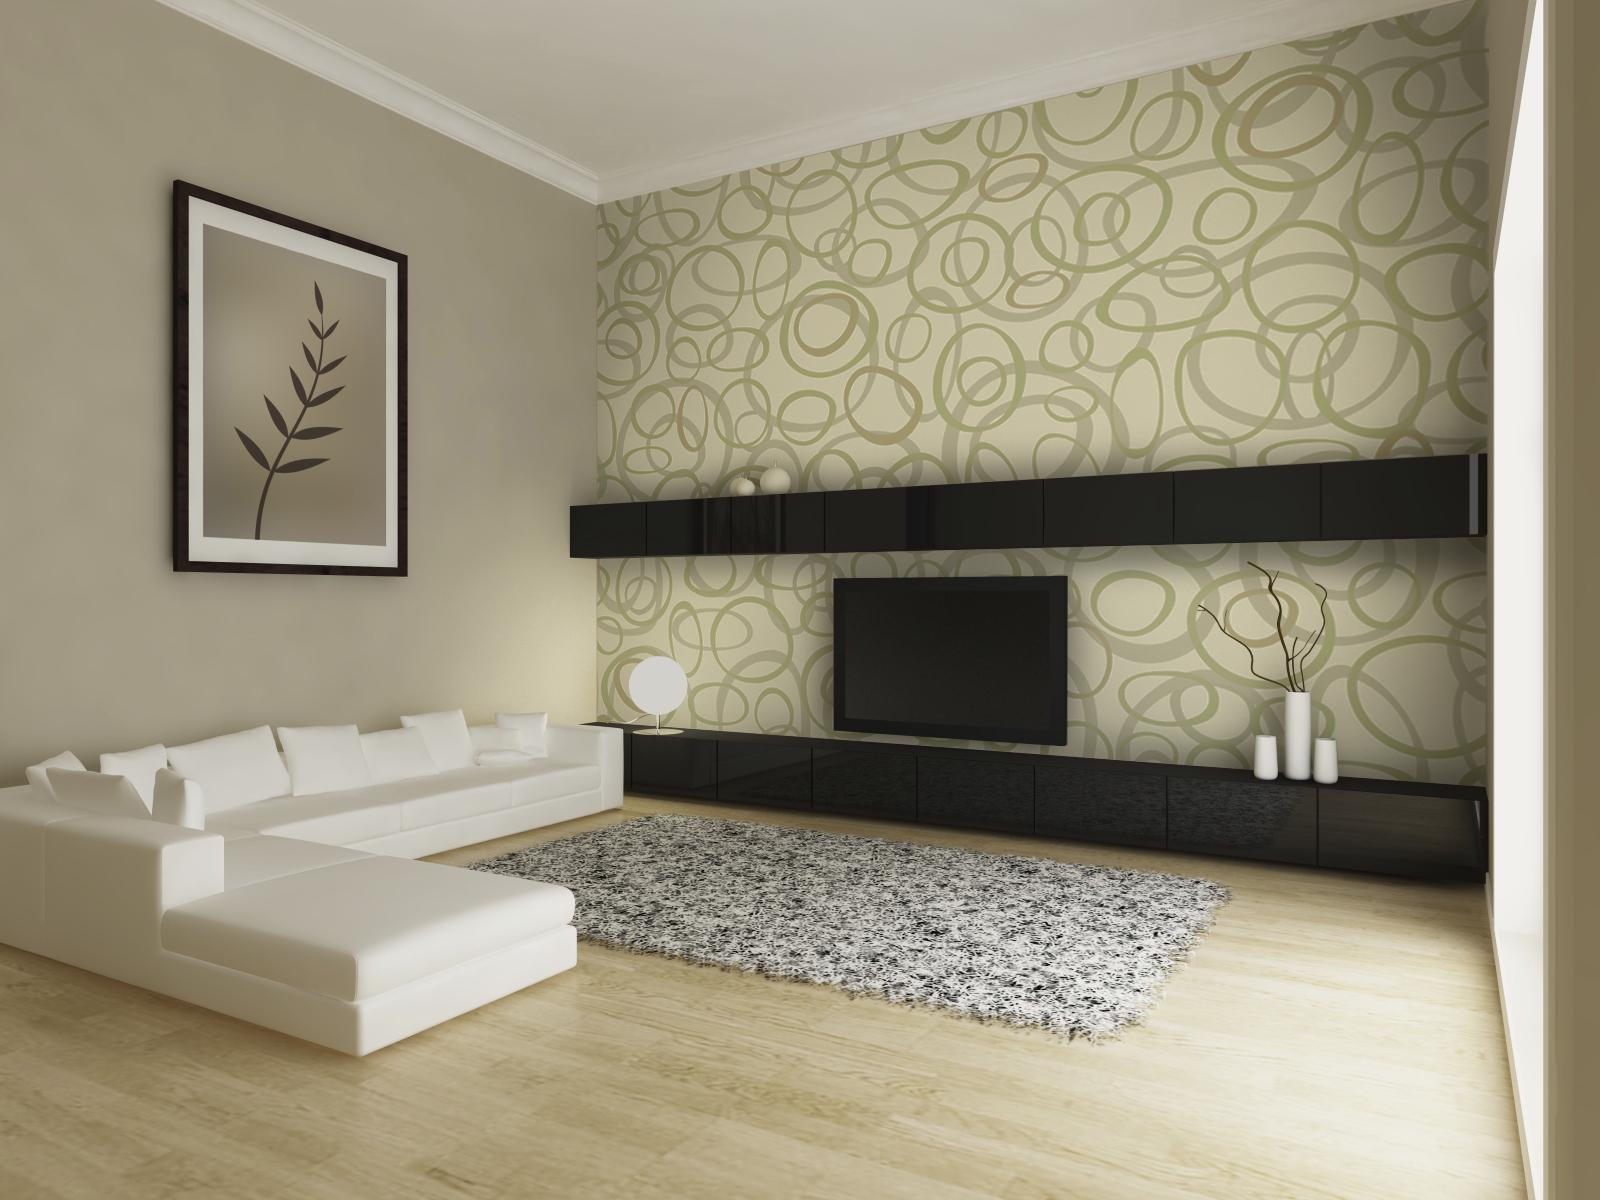 Wallpaper Interior Design Pictures photo - 2